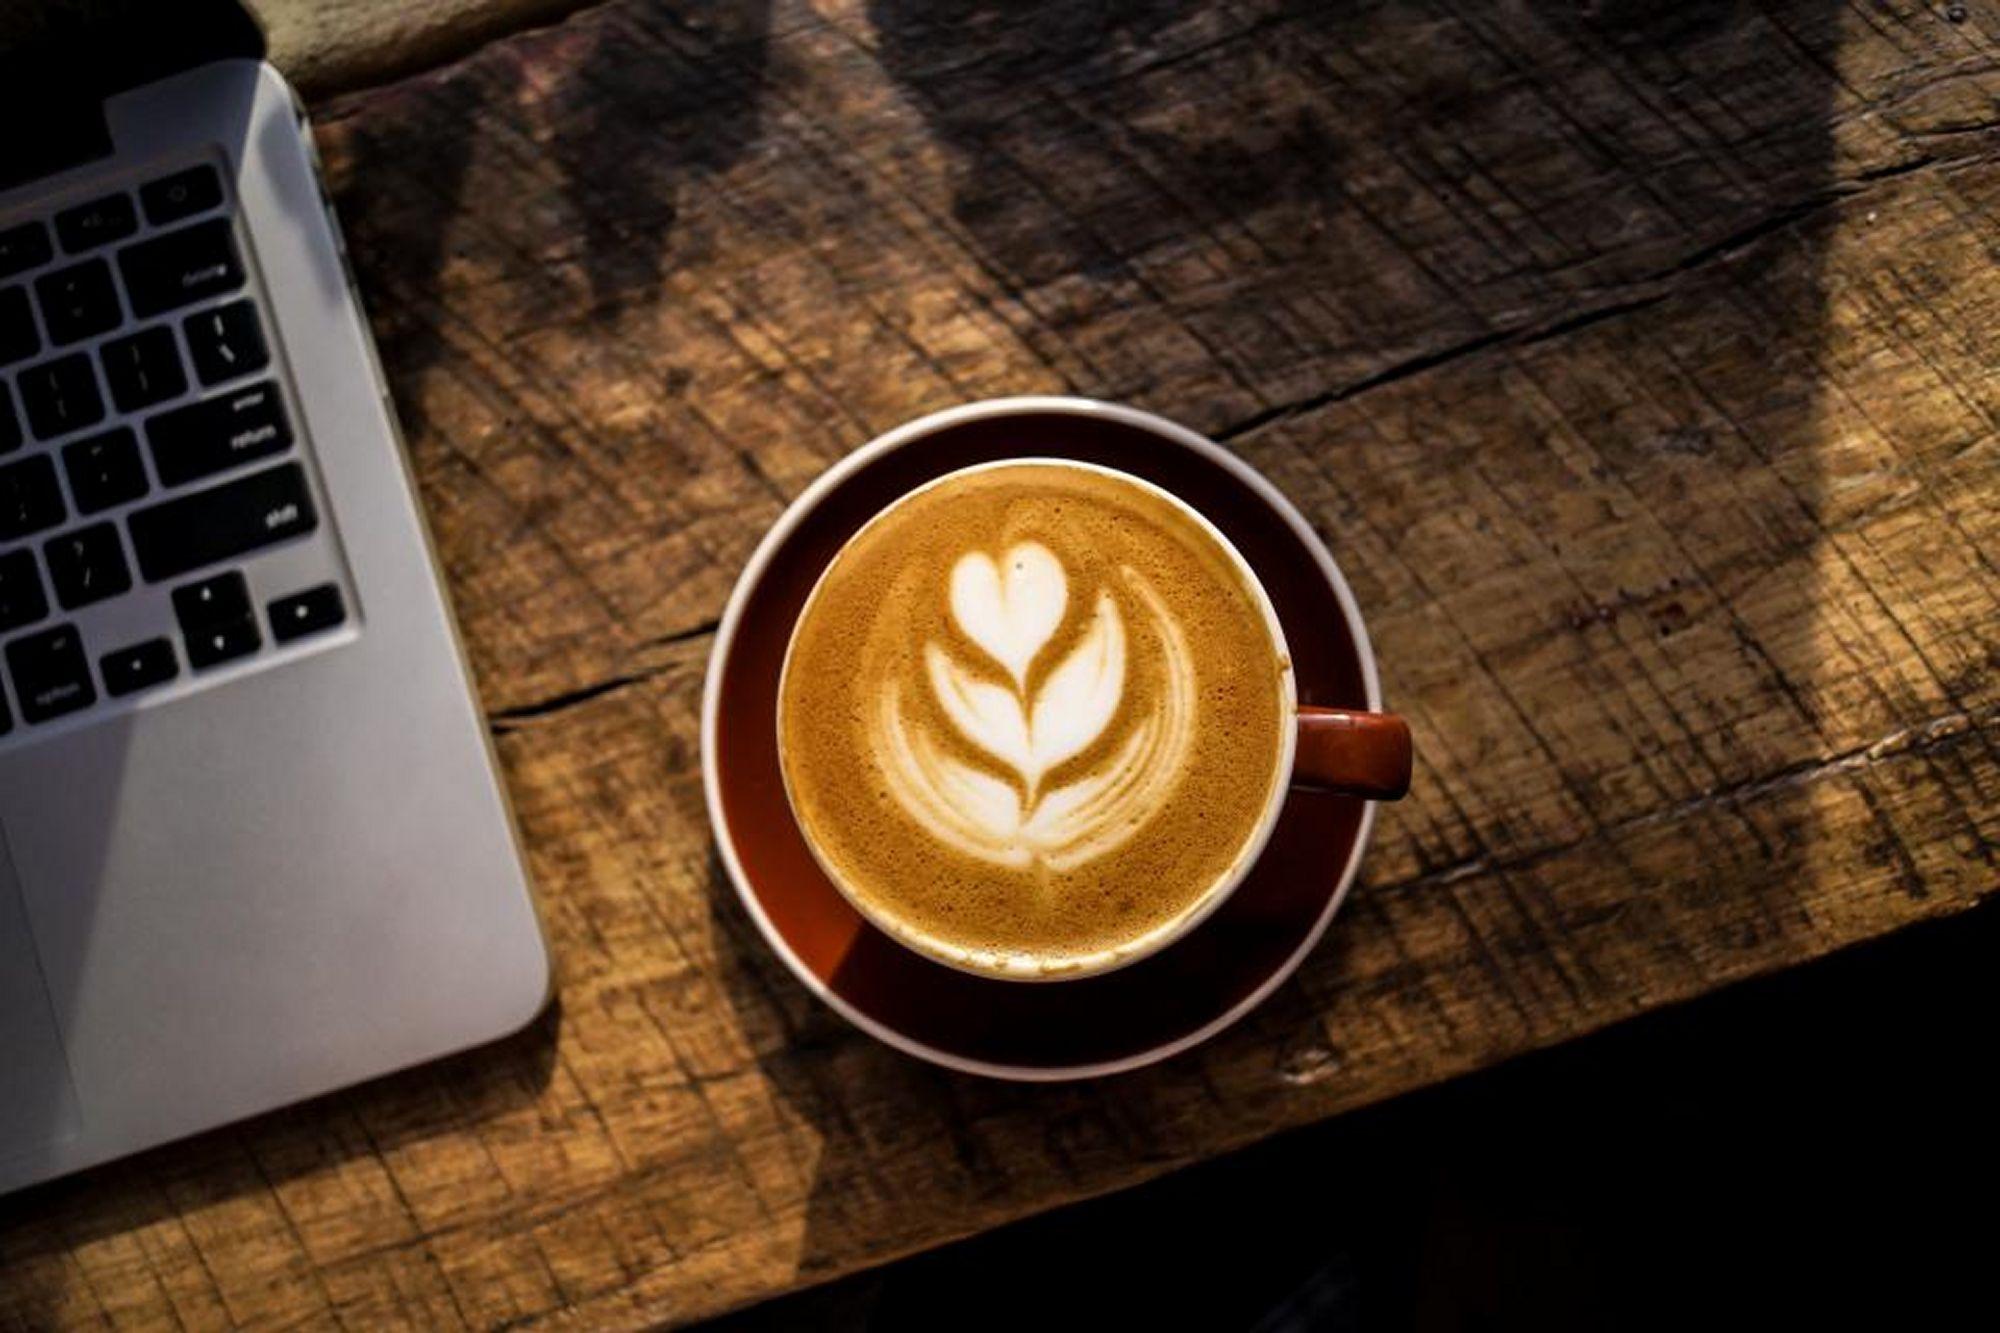 Koffie met computer bureau manon leeflang